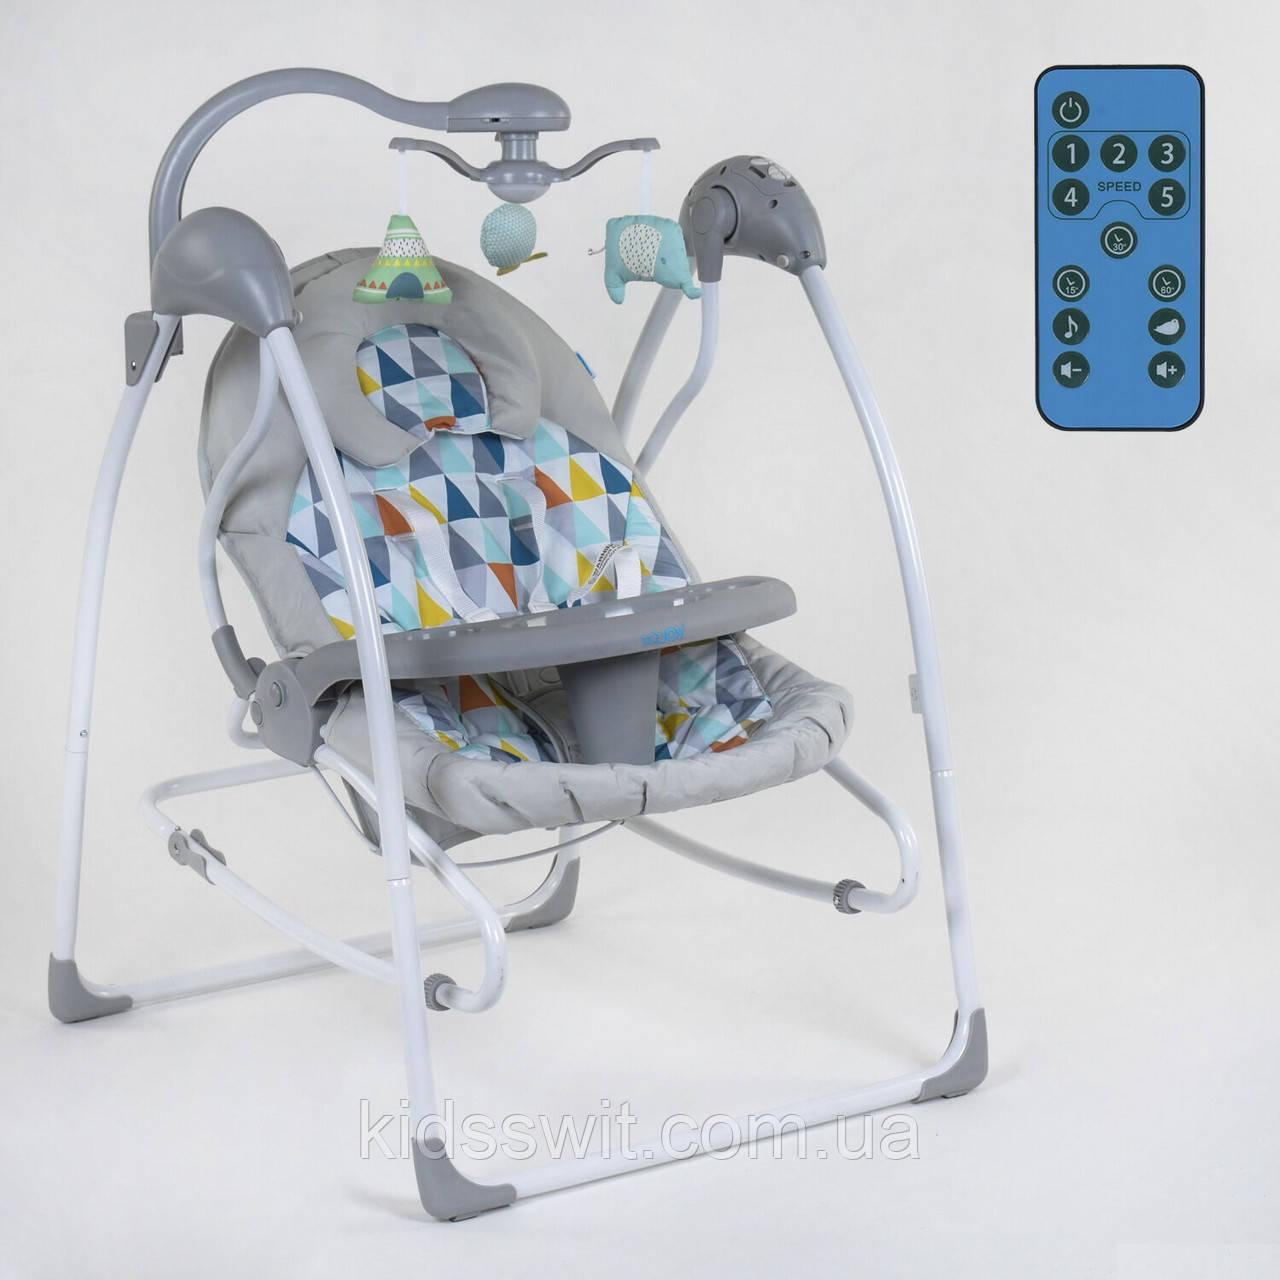 Електронні гойдалки 3в1 JOY гойдалки, шезлонг, карусель, пульт д/у, від мережі 220V і батарейок, СХ-40460